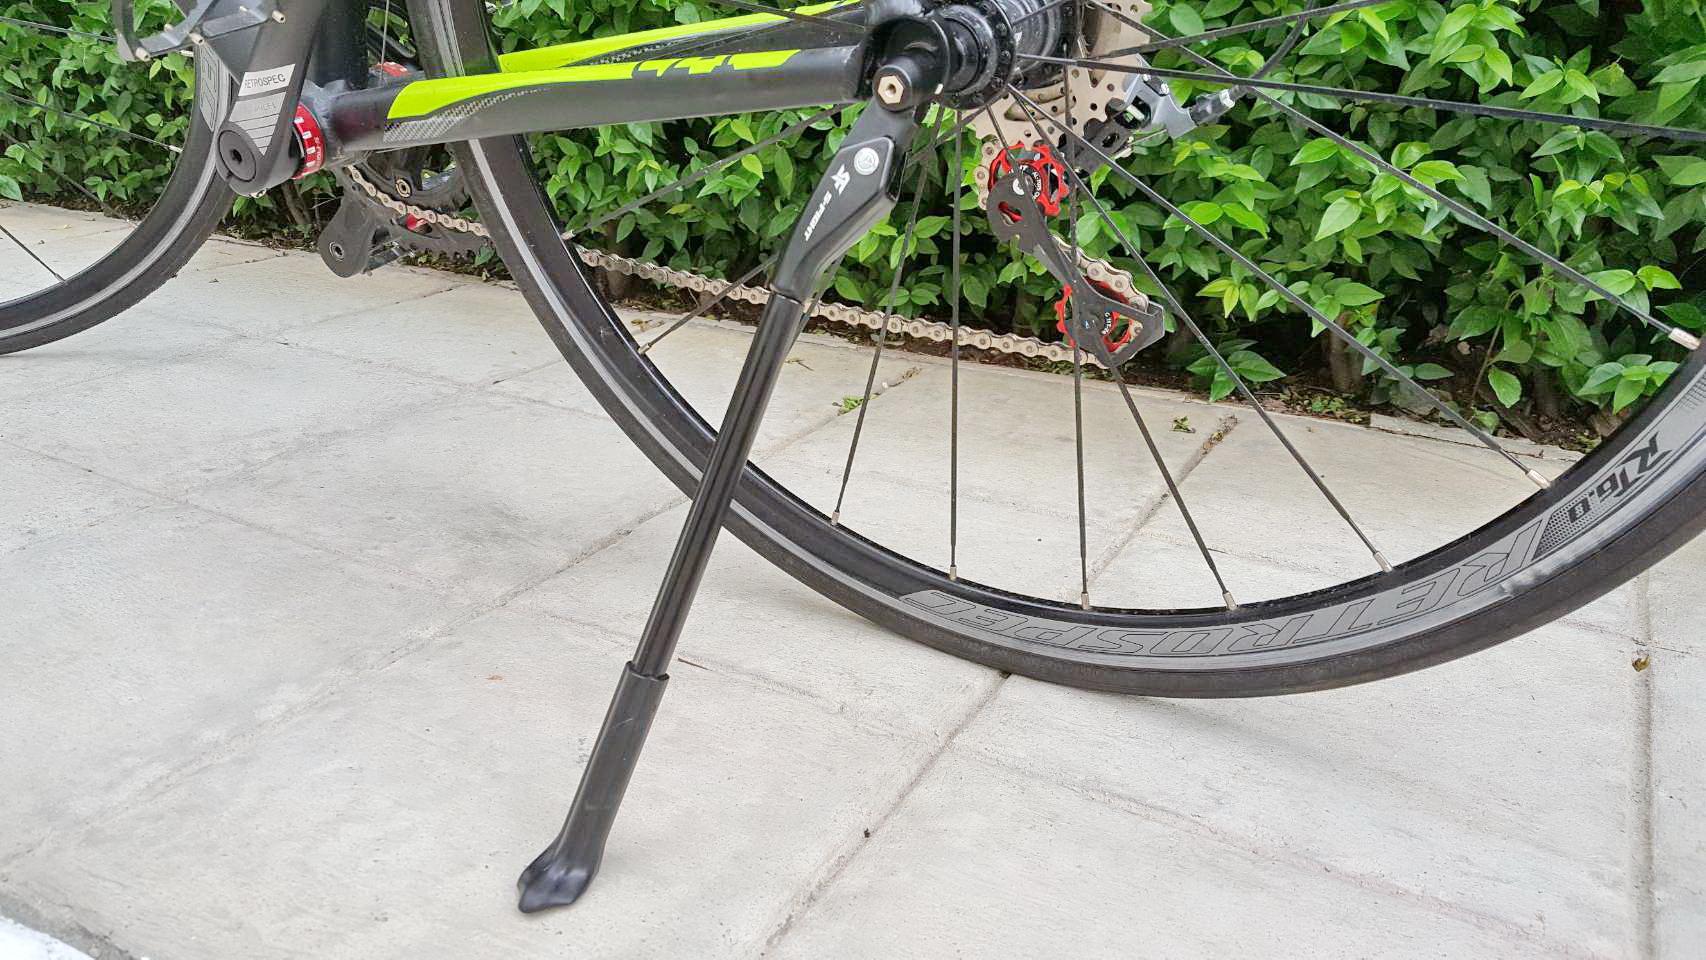 ขาตั้งข้างแบบใหม่ S-Fight ใช้การติดตั้งกับแกนปลดเร็วจักรยาน ติดตั้งง่าย ไม่ยุ่งยาก ทำเองได้ทันที น้ำหนัก 160 กรัม